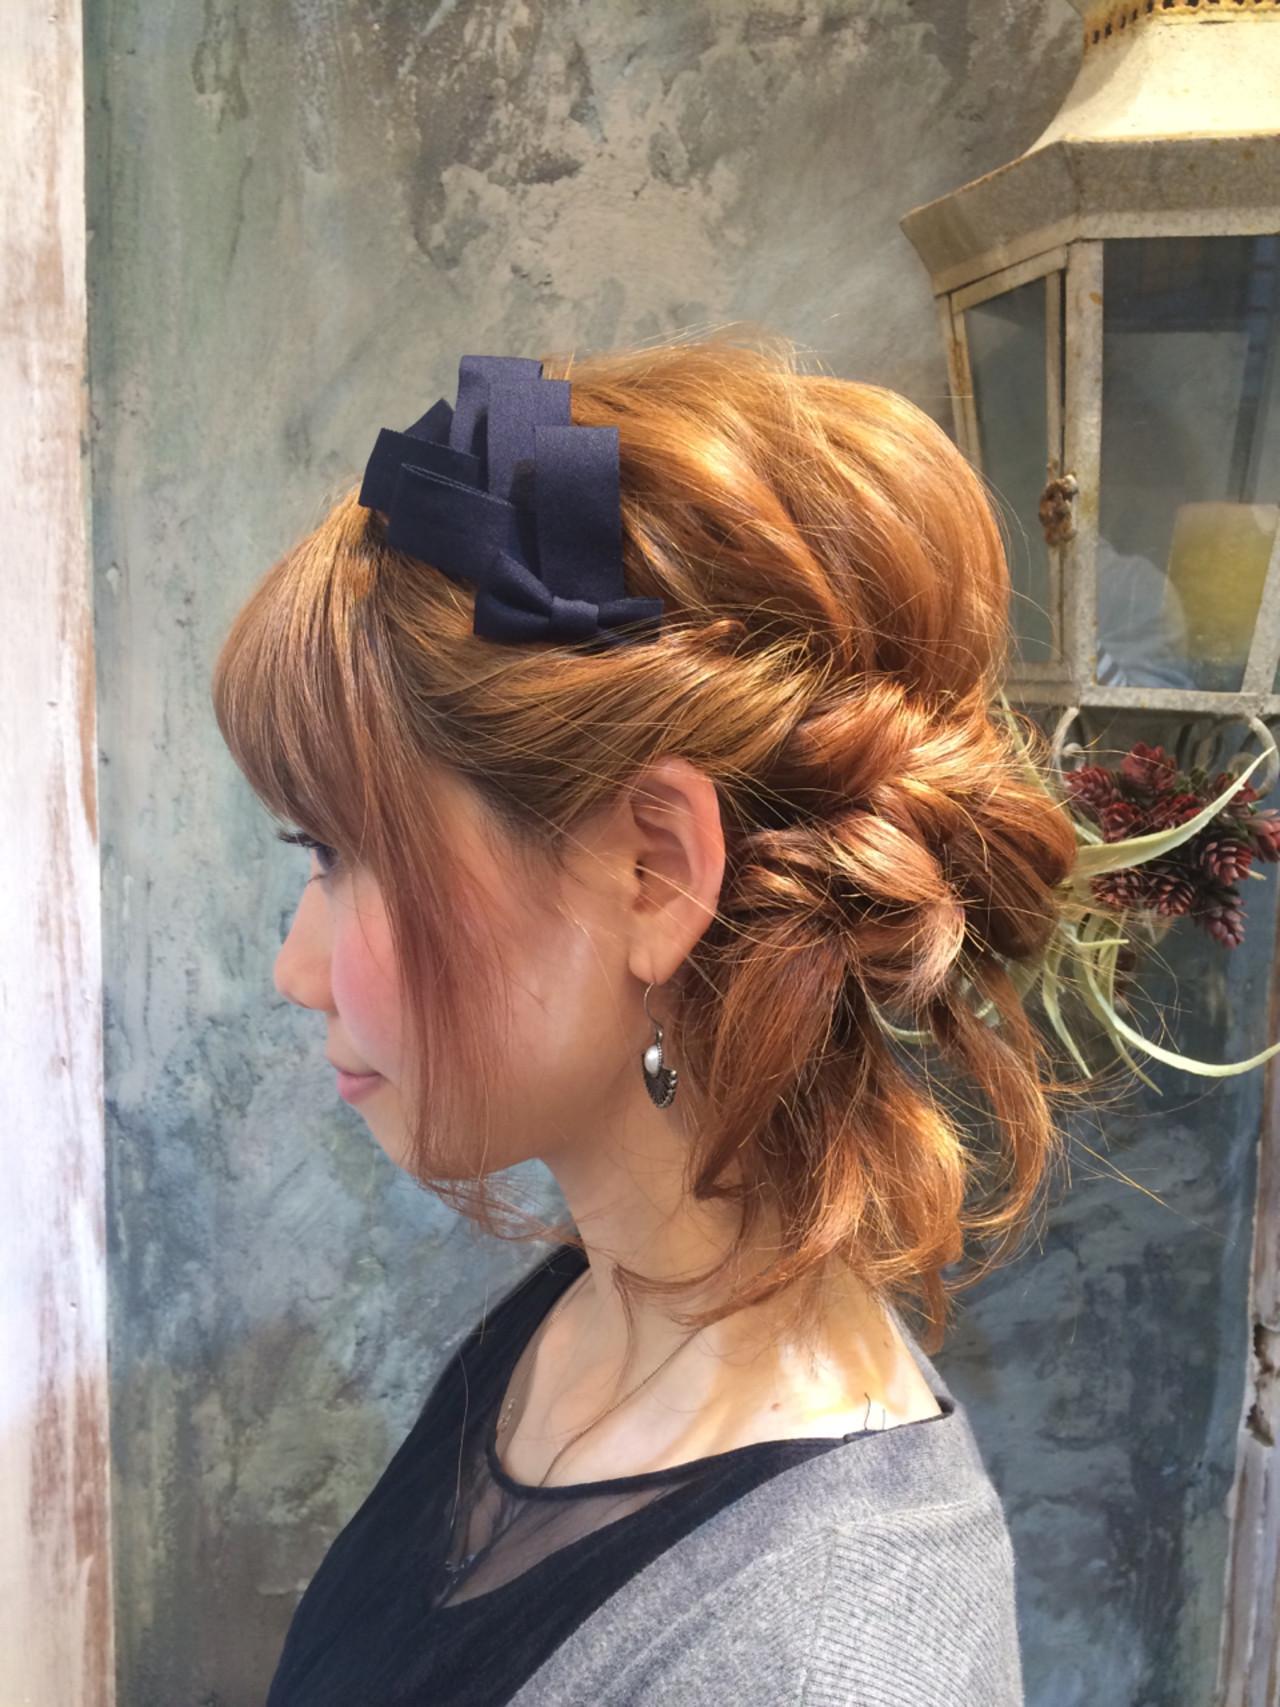 ヘアアレンジ 簡単ヘアアレンジ ハイライト ミディアム ヘアスタイルや髪型の写真・画像